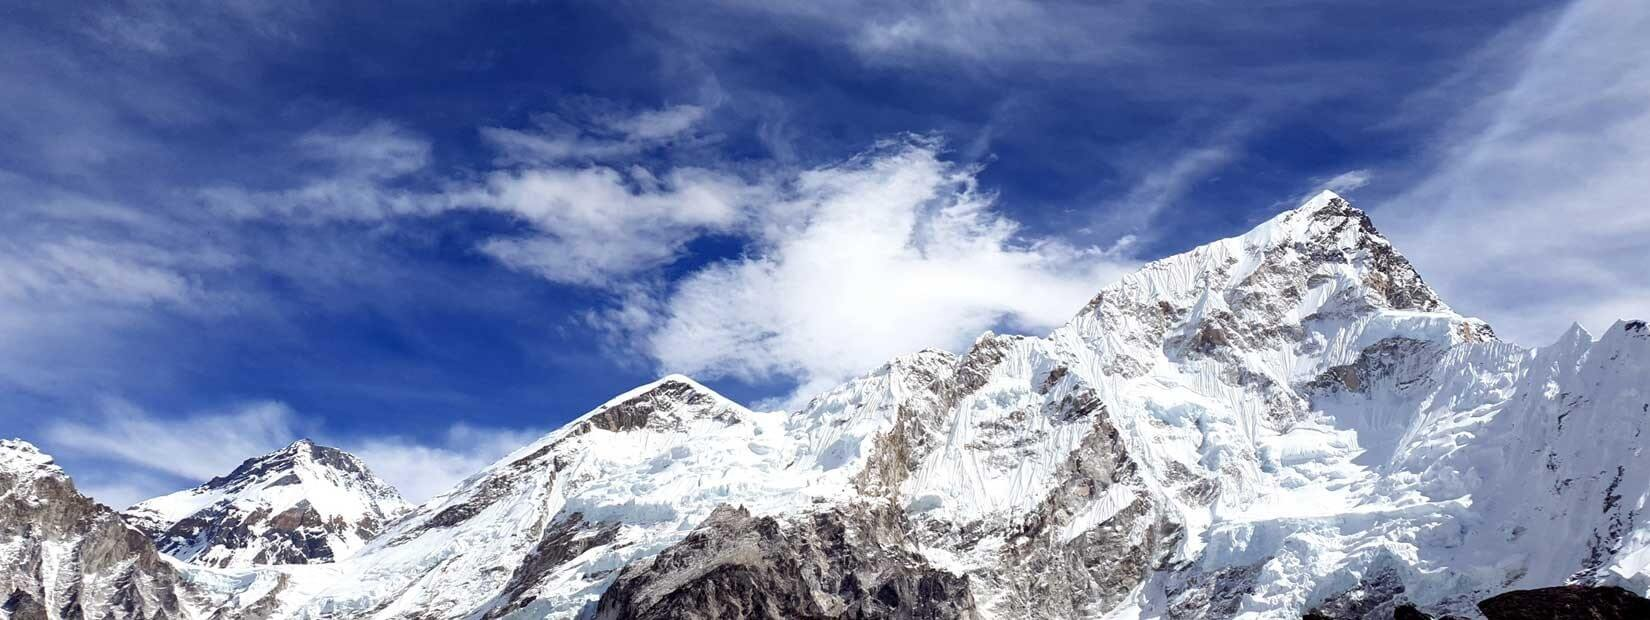 Heavenous Highest Peak of The World (Mt. Everest)